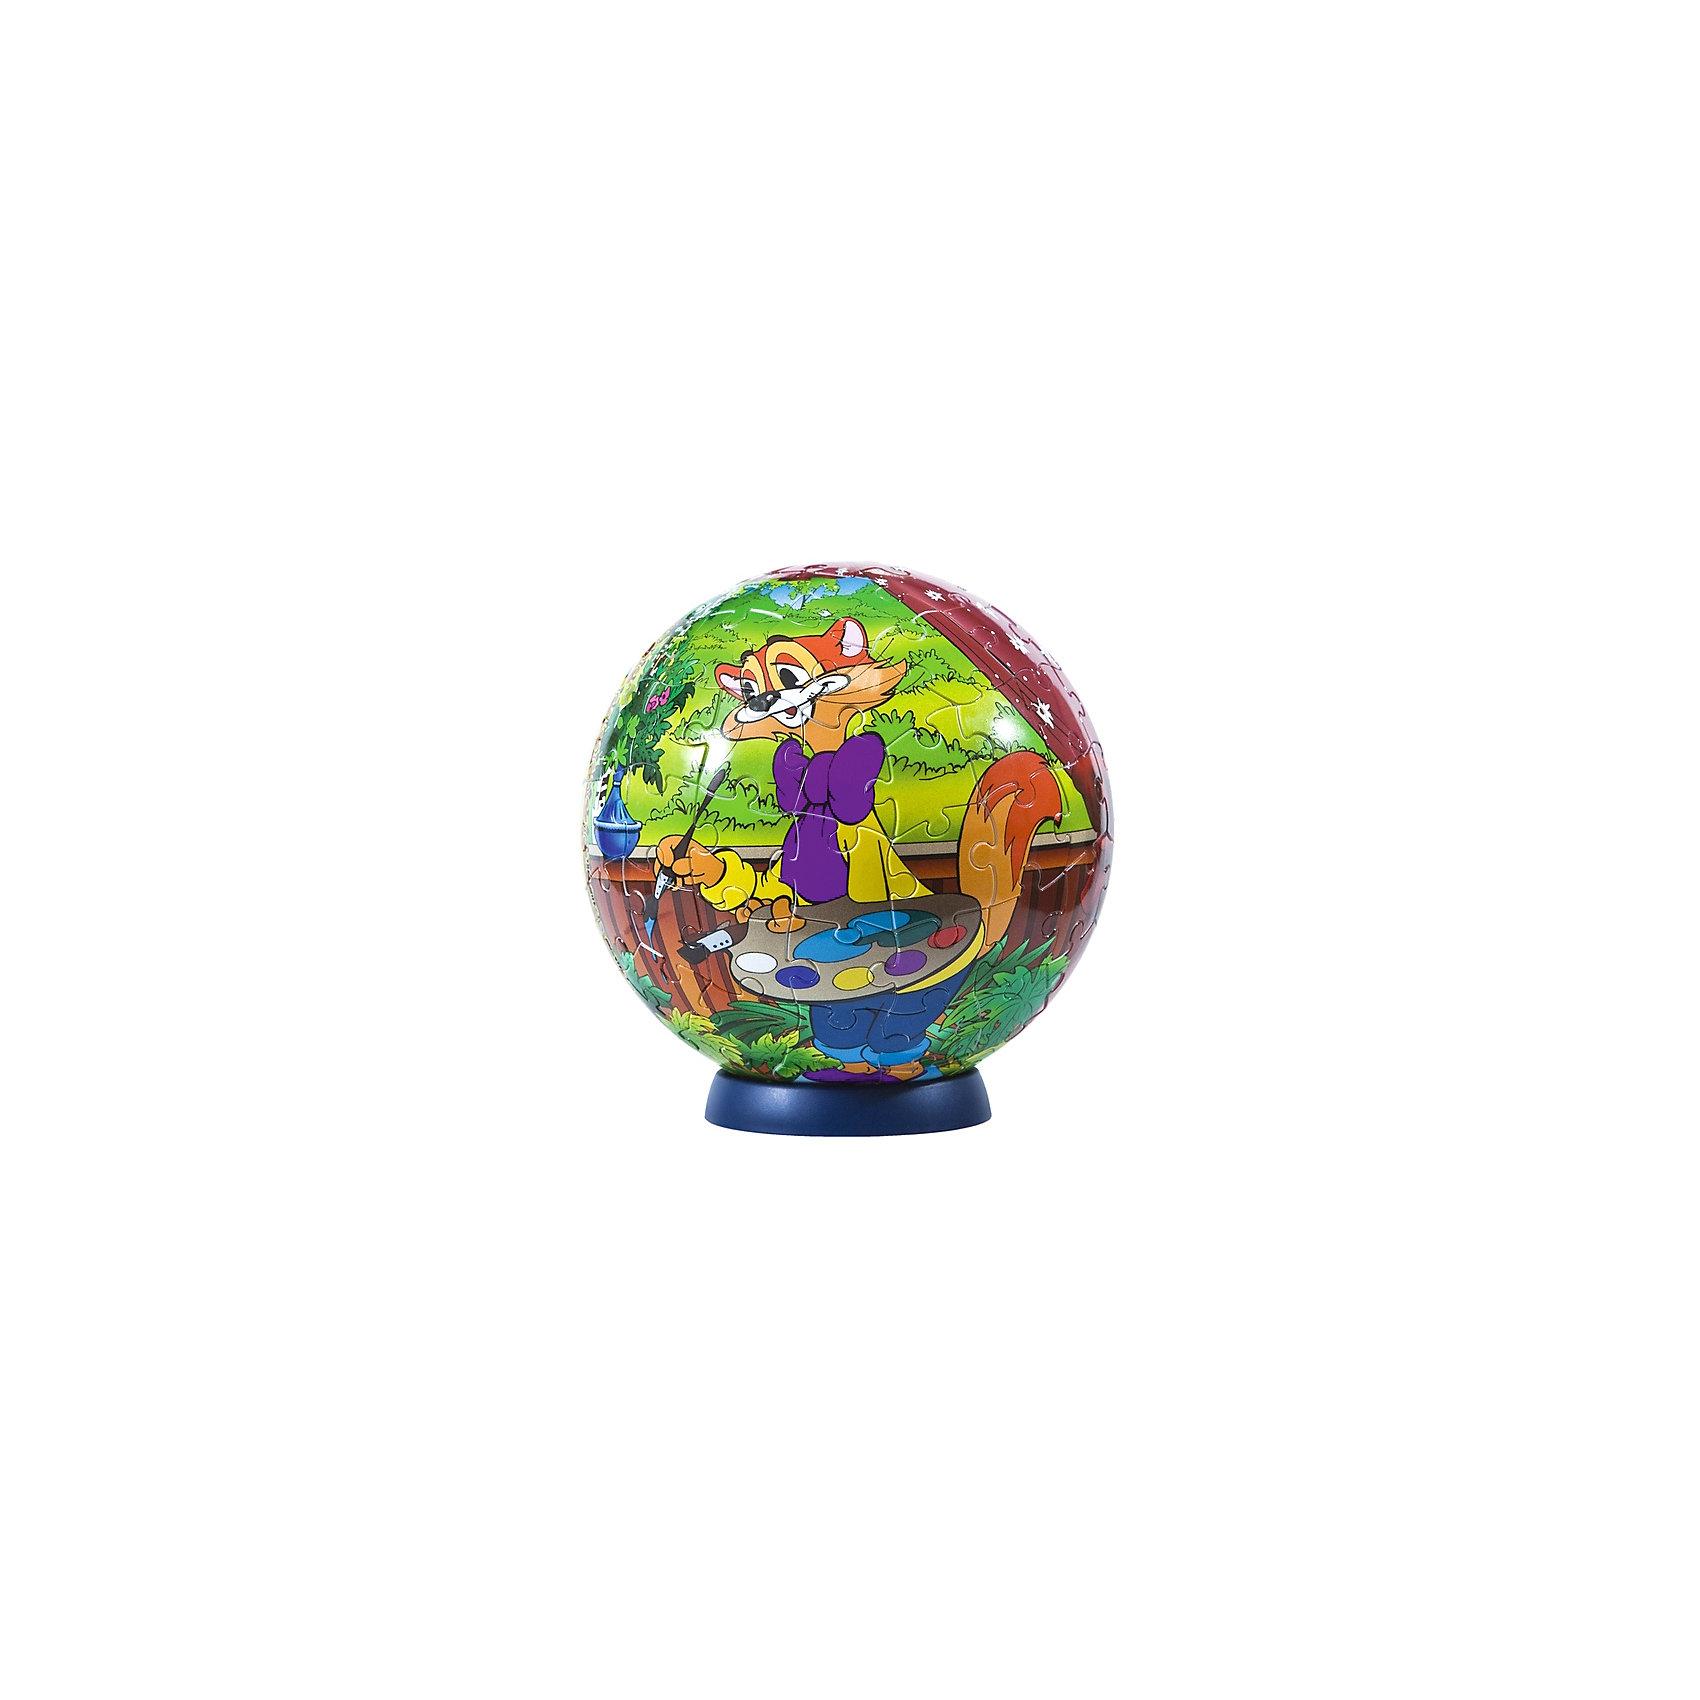 Пазл-шар  Кот Леопольд, 24 детали3D пазлы<br>Характеристики товара:<br><br>• возраст: от 3 лет;<br>• материал: пластик;<br>• в комплекте: 24 элемента, подставка;<br>• диаметр шара: 12 см;<br>• размер упаковки: 20,5х18,5х6 см;<br>• вес упаковки: 380 гр.;<br>• страна производитель: Россия.<br><br>Пазл-шар «Кот Леопольд» Союзмультфильм Step Puzzle — оригинальный пазл, элементы которого имеют изогнутую форму и собираются вместе, образуя шар. Собрав его, получается объемная фигура с изображениями персонажей мультфильма. <br><br>В процессе сборки пазла развиваются мелкая моторика рук, усидчивость, внимательность, логическое мышление. Все детали выполнены из качественного прочного пластика и надежно скрепляются между собой.<br><br>Пазл-шар «Кот Леопольд» Союзмультфильм Step Puzzle можно приобрести в нашем интернет-магазине.<br><br>Ширина мм: 205<br>Глубина мм: 185<br>Высота мм: 60<br>Вес г: 380<br>Возраст от месяцев: 36<br>Возраст до месяцев: 2147483647<br>Пол: Унисекс<br>Возраст: Детский<br>Количество деталей: 24<br>SKU: 5346210